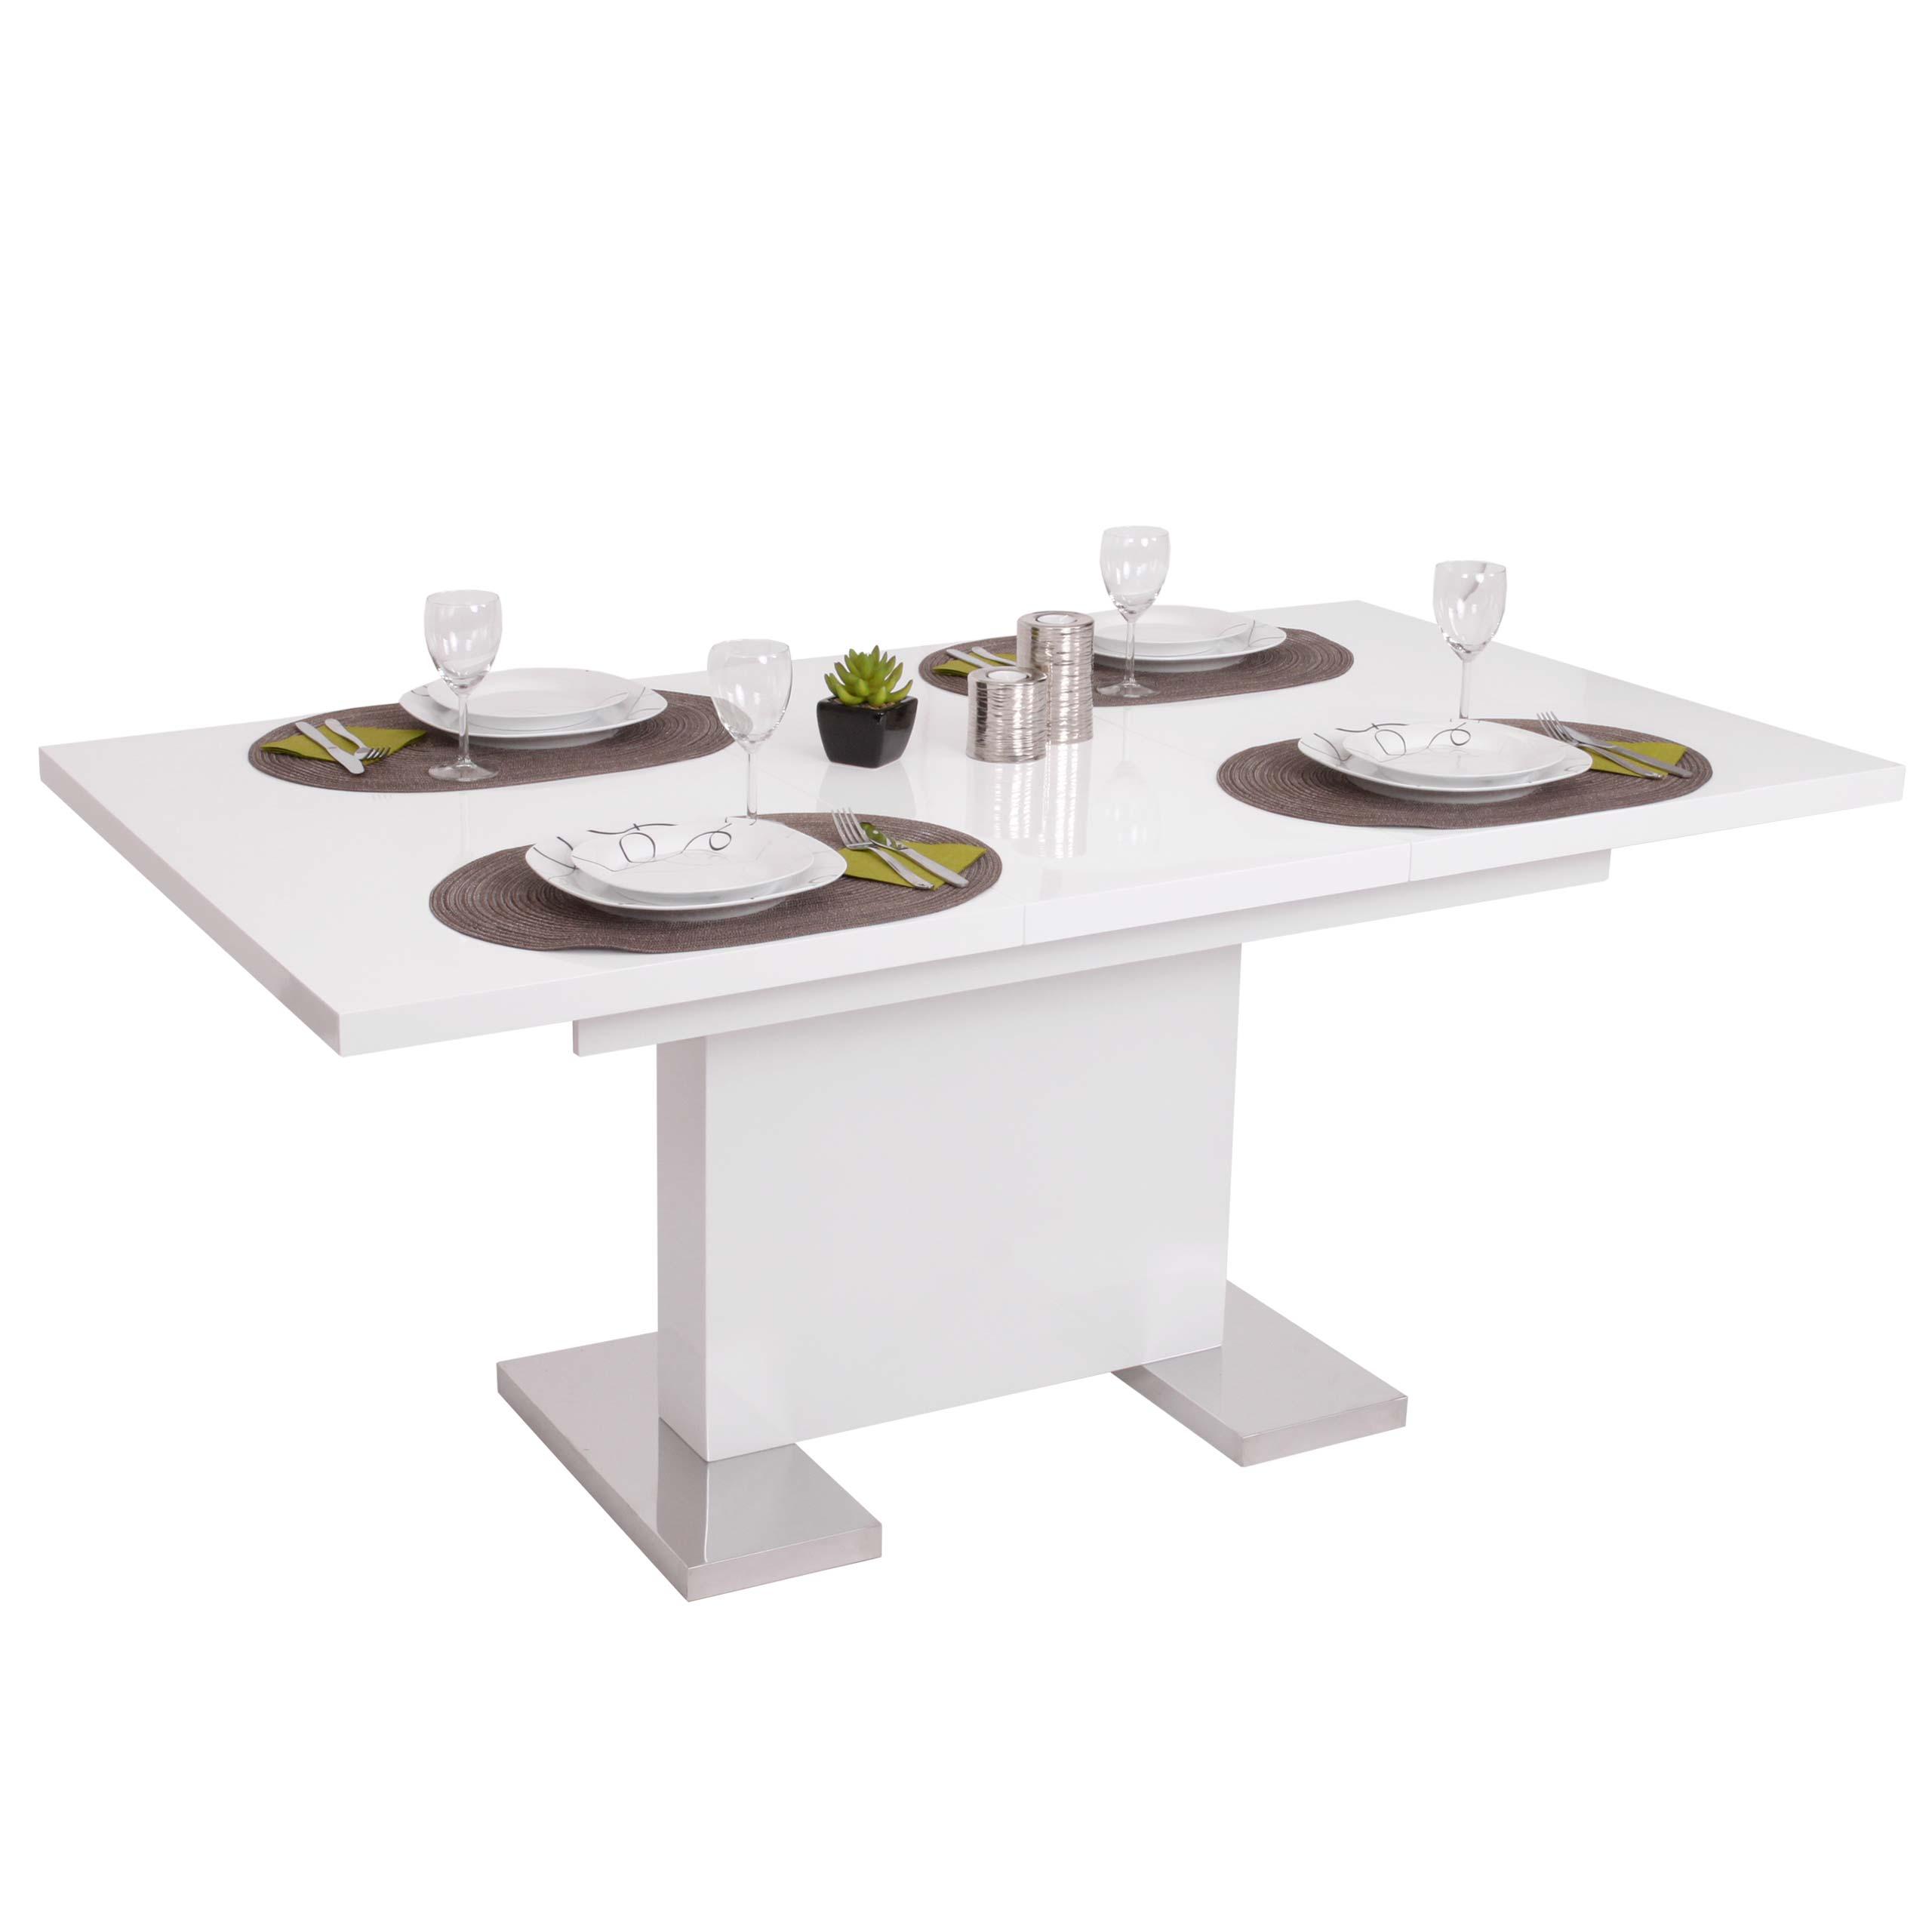 Esstisch Hwc B49 Esszimmertisch Tisch Ausziehbar Hochglanz